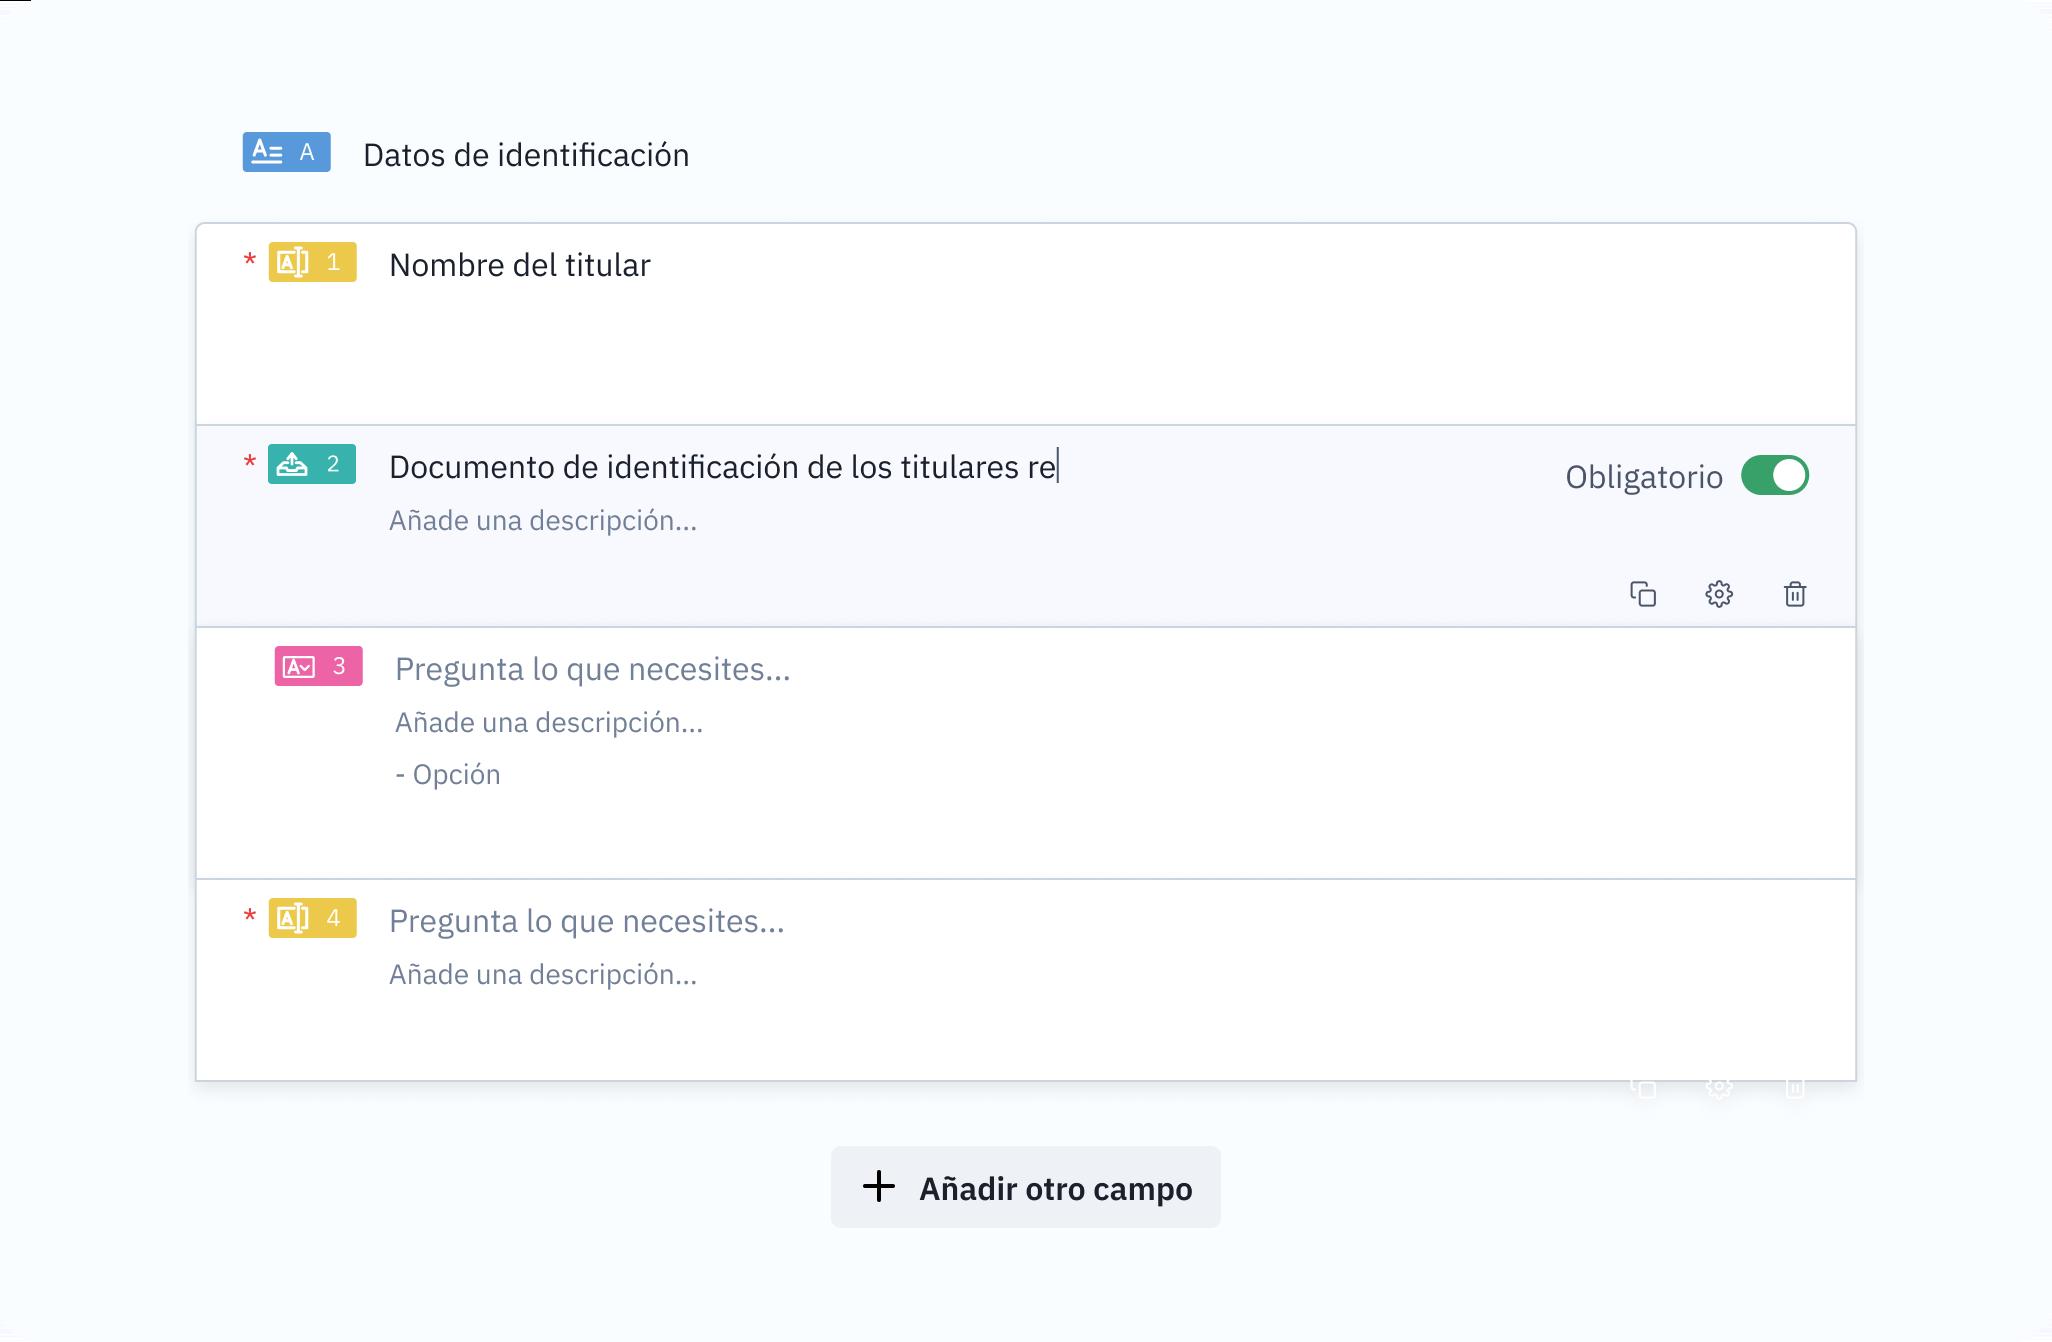 Una captura de pantalla de la aplicación donde se muestra la creación de una petición.